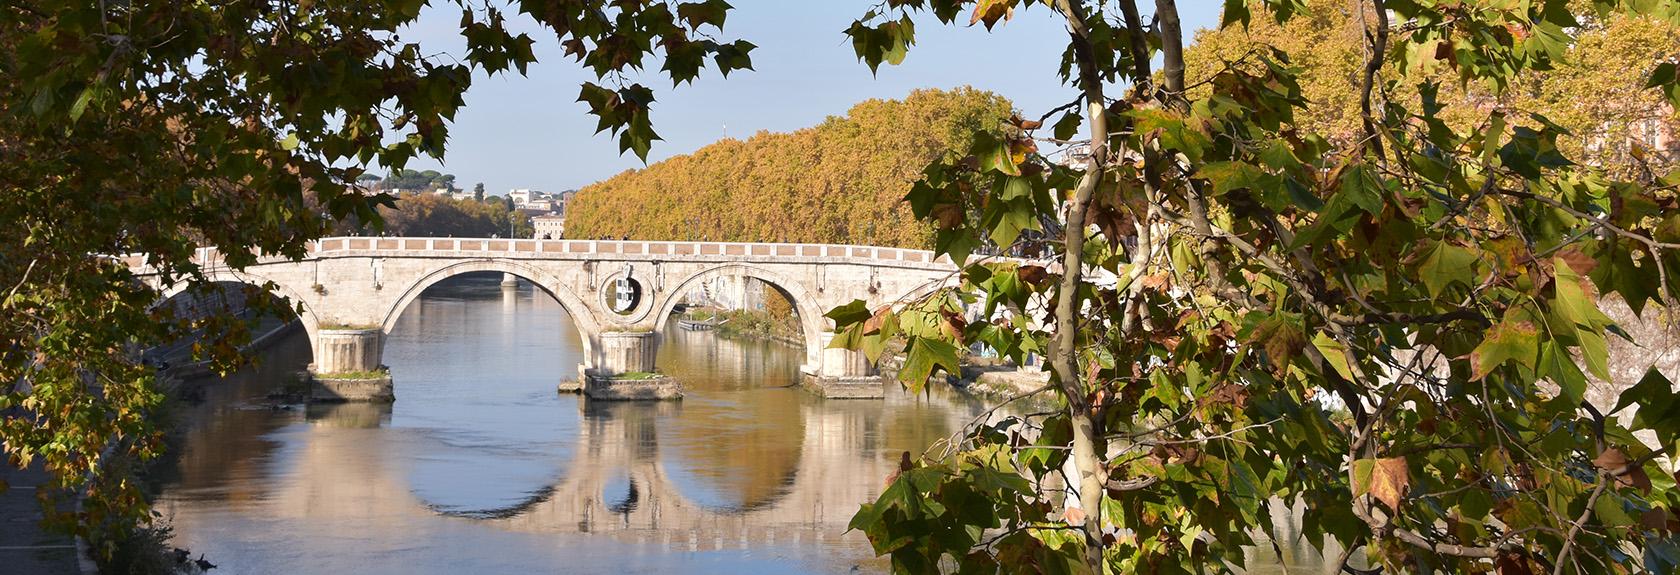 Praktische reisinformatie voor Rome